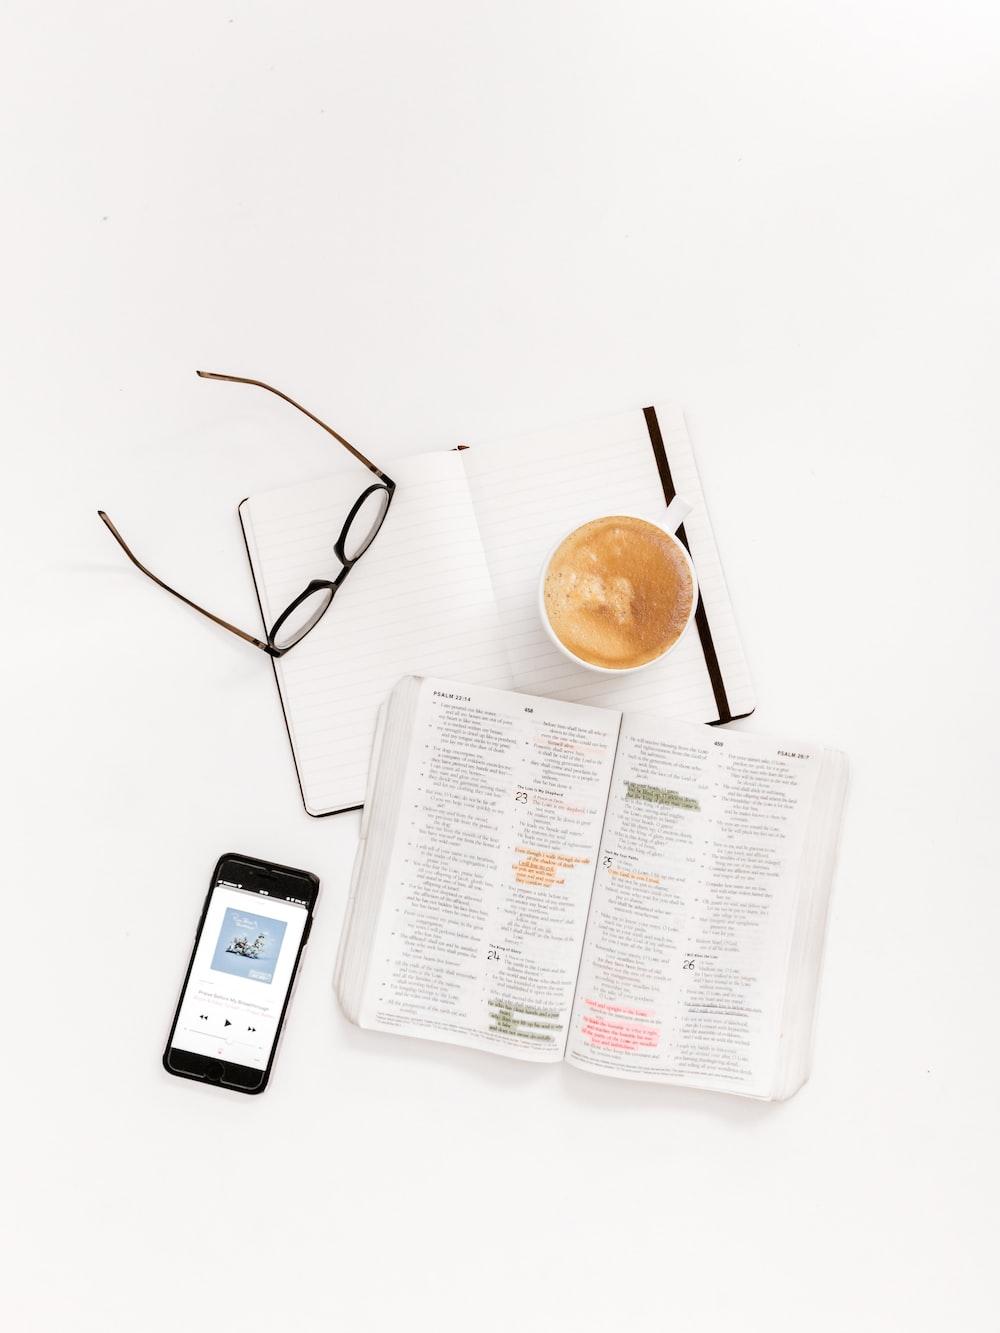 black framed eyeglasses, notepad teacup and smartphone